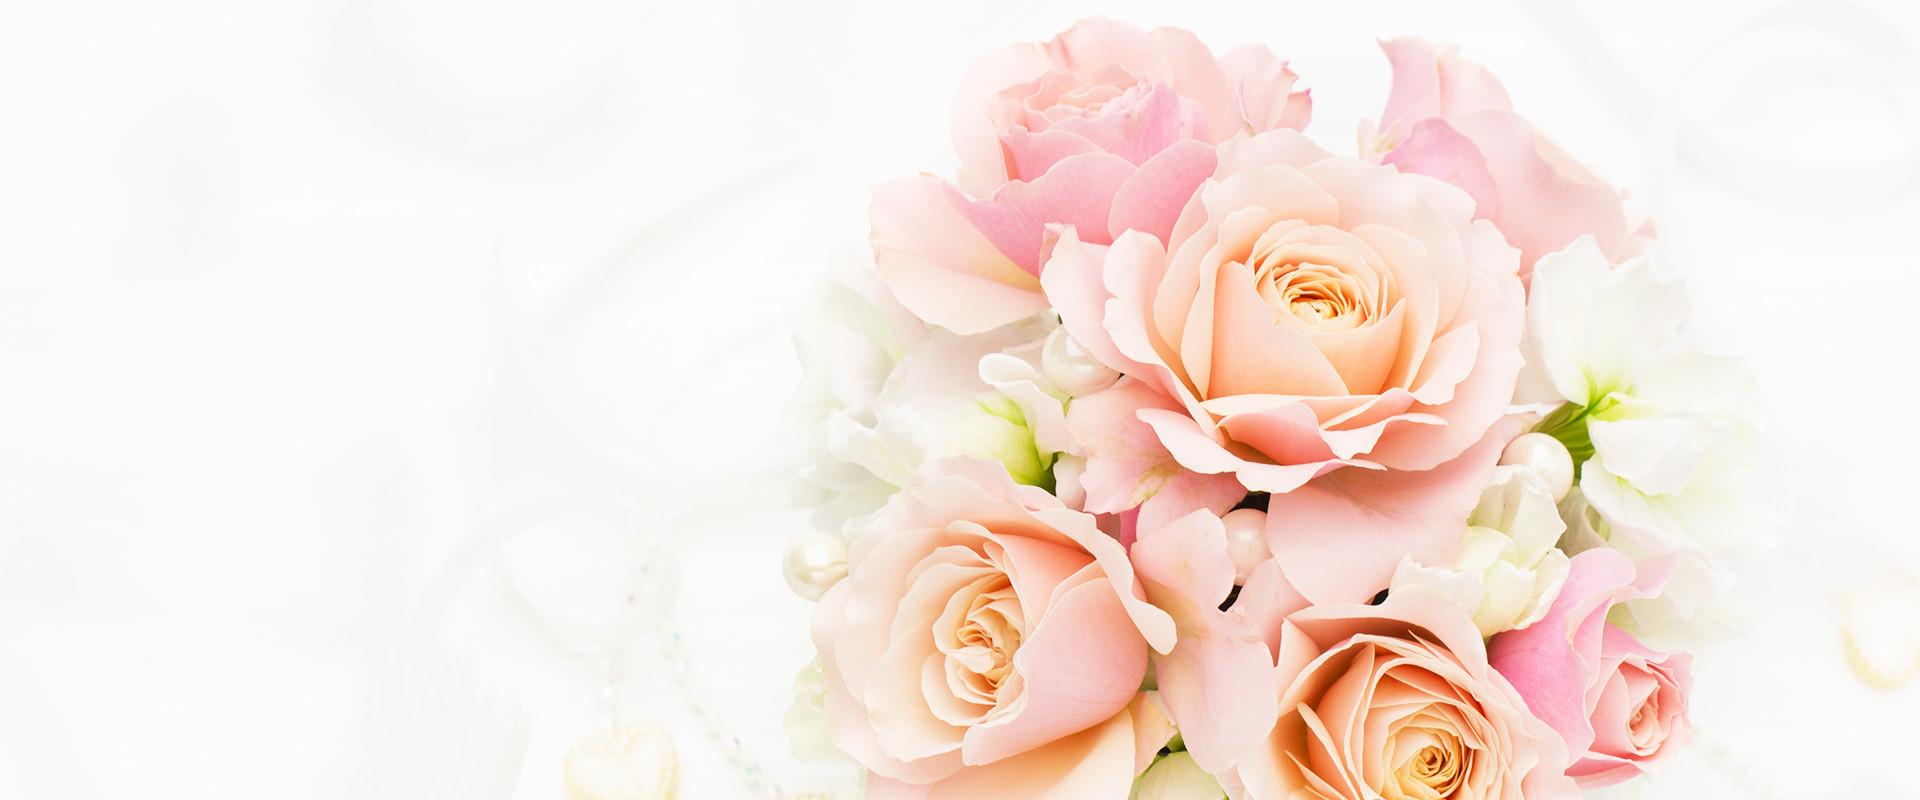 ご成婚までのトータルサポート 結婚相談所プチブーケ